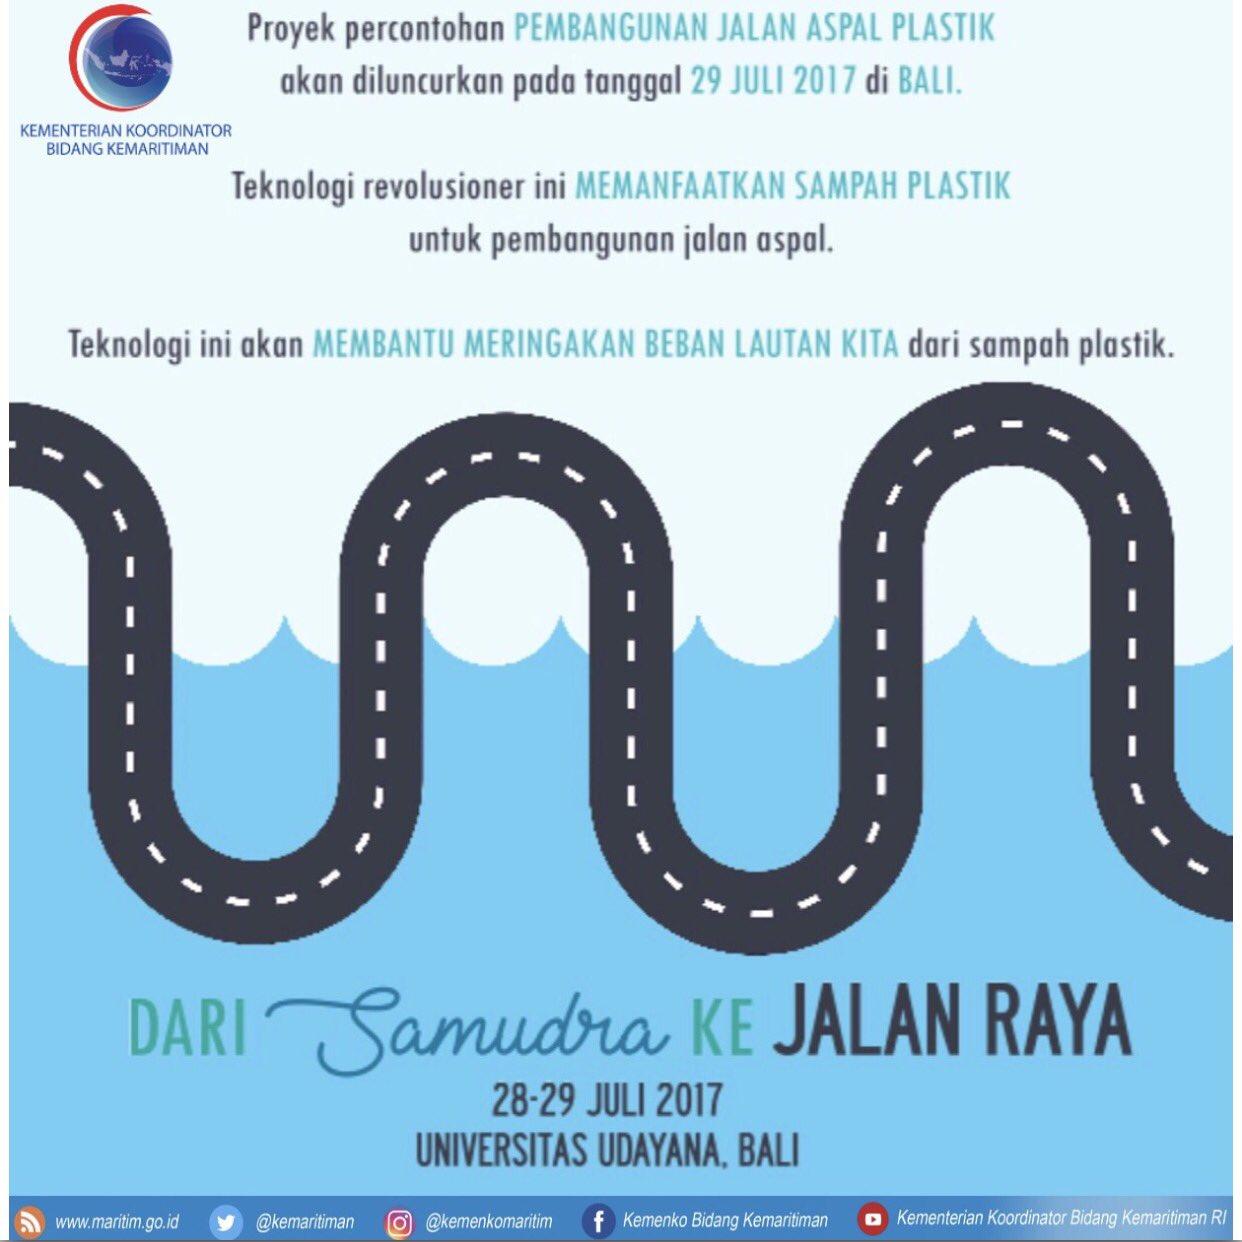 Plastic Tar Road sbg implementasi Terobosan Teknologi yg memanfaatkan sampah plastik untuk pembangunan jalan aspal, Bali (29/7). https://t.co/pXlz9O3qkU